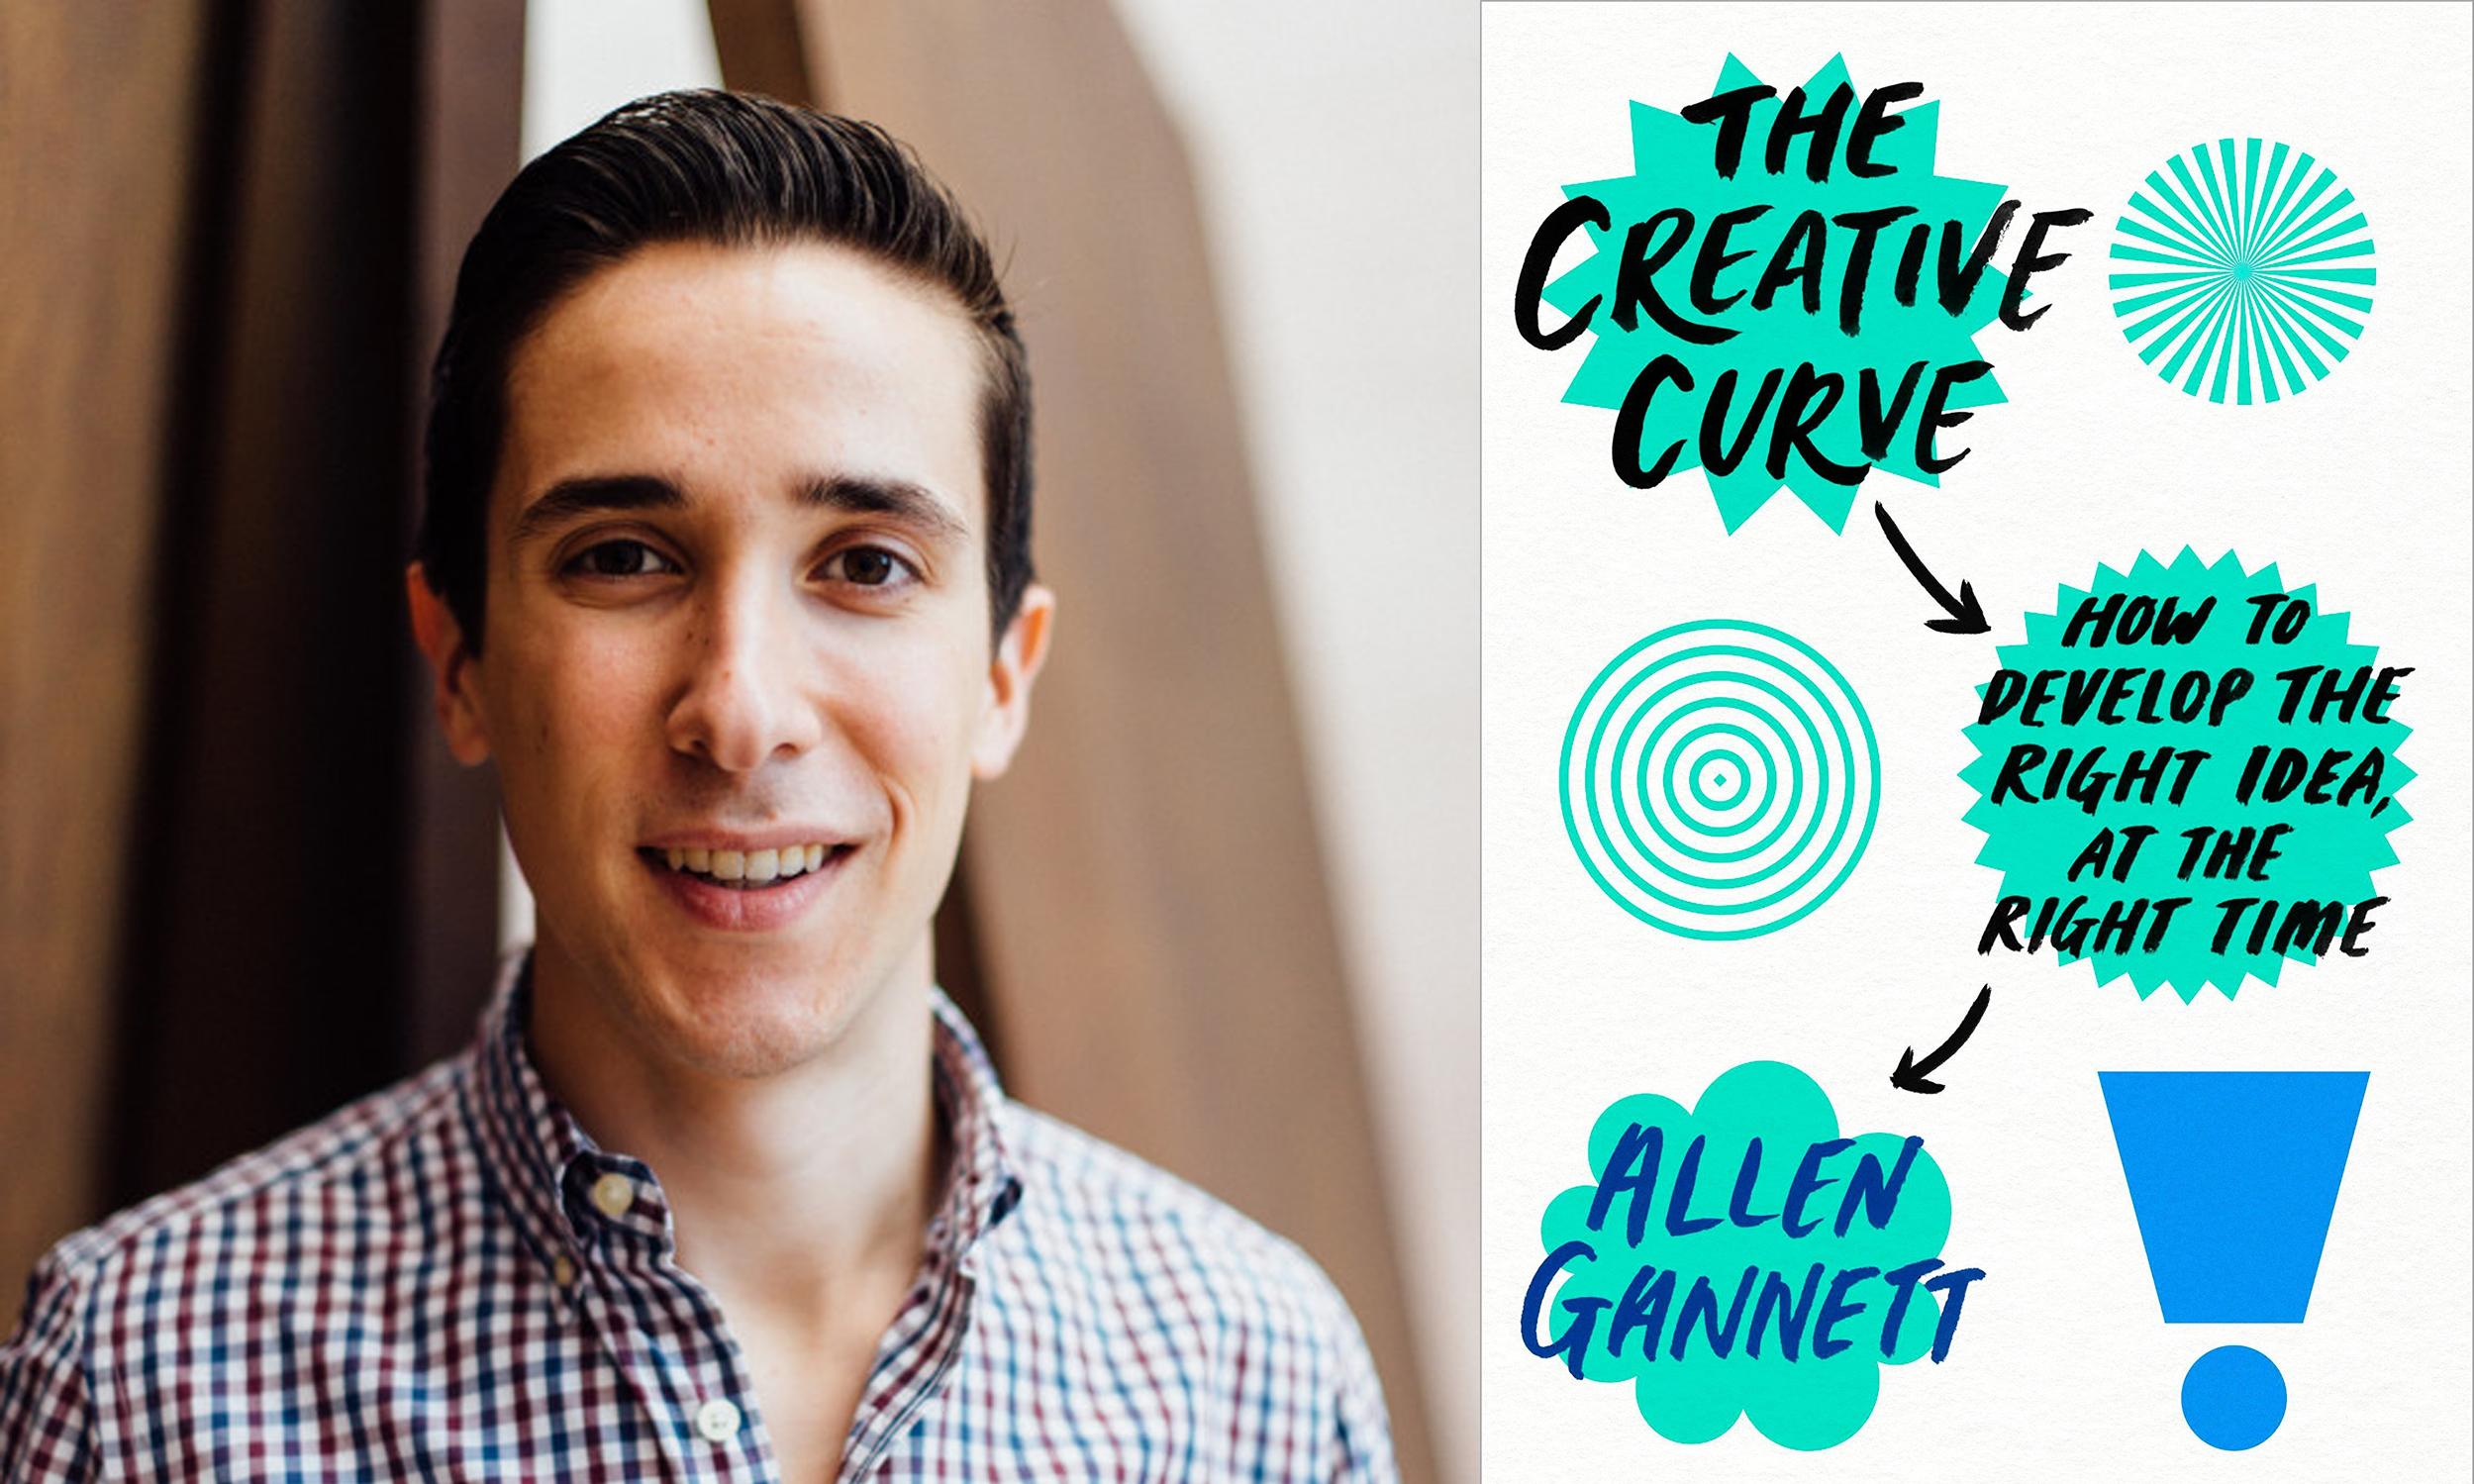 Allen Gannett AuthorConnect Chat